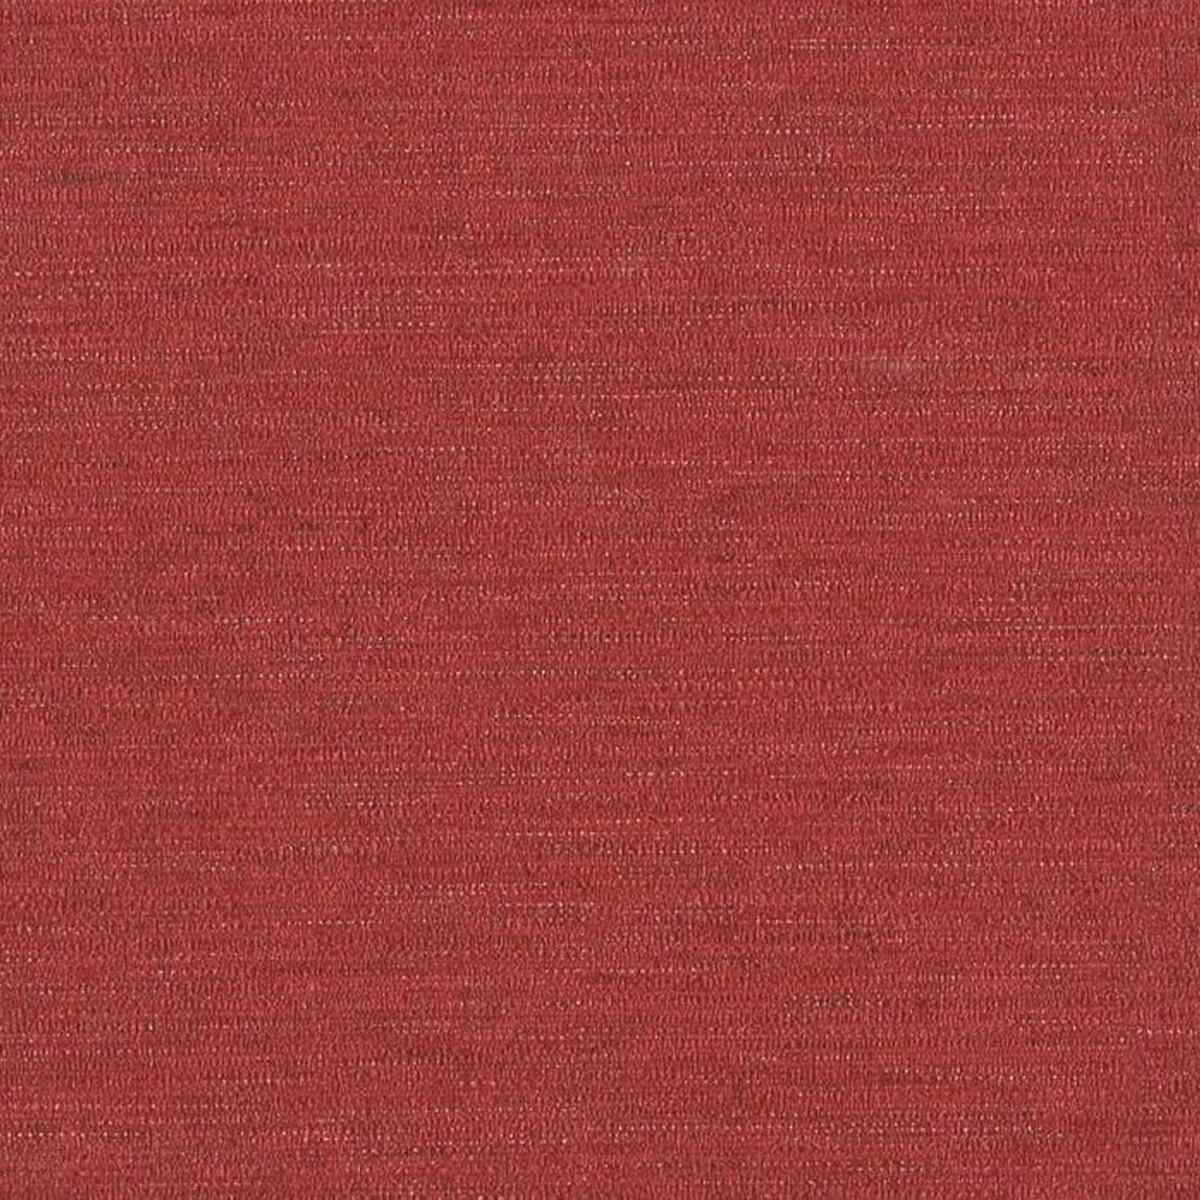 Обои виниловые Gaenari белые 1.06 м 88260-3